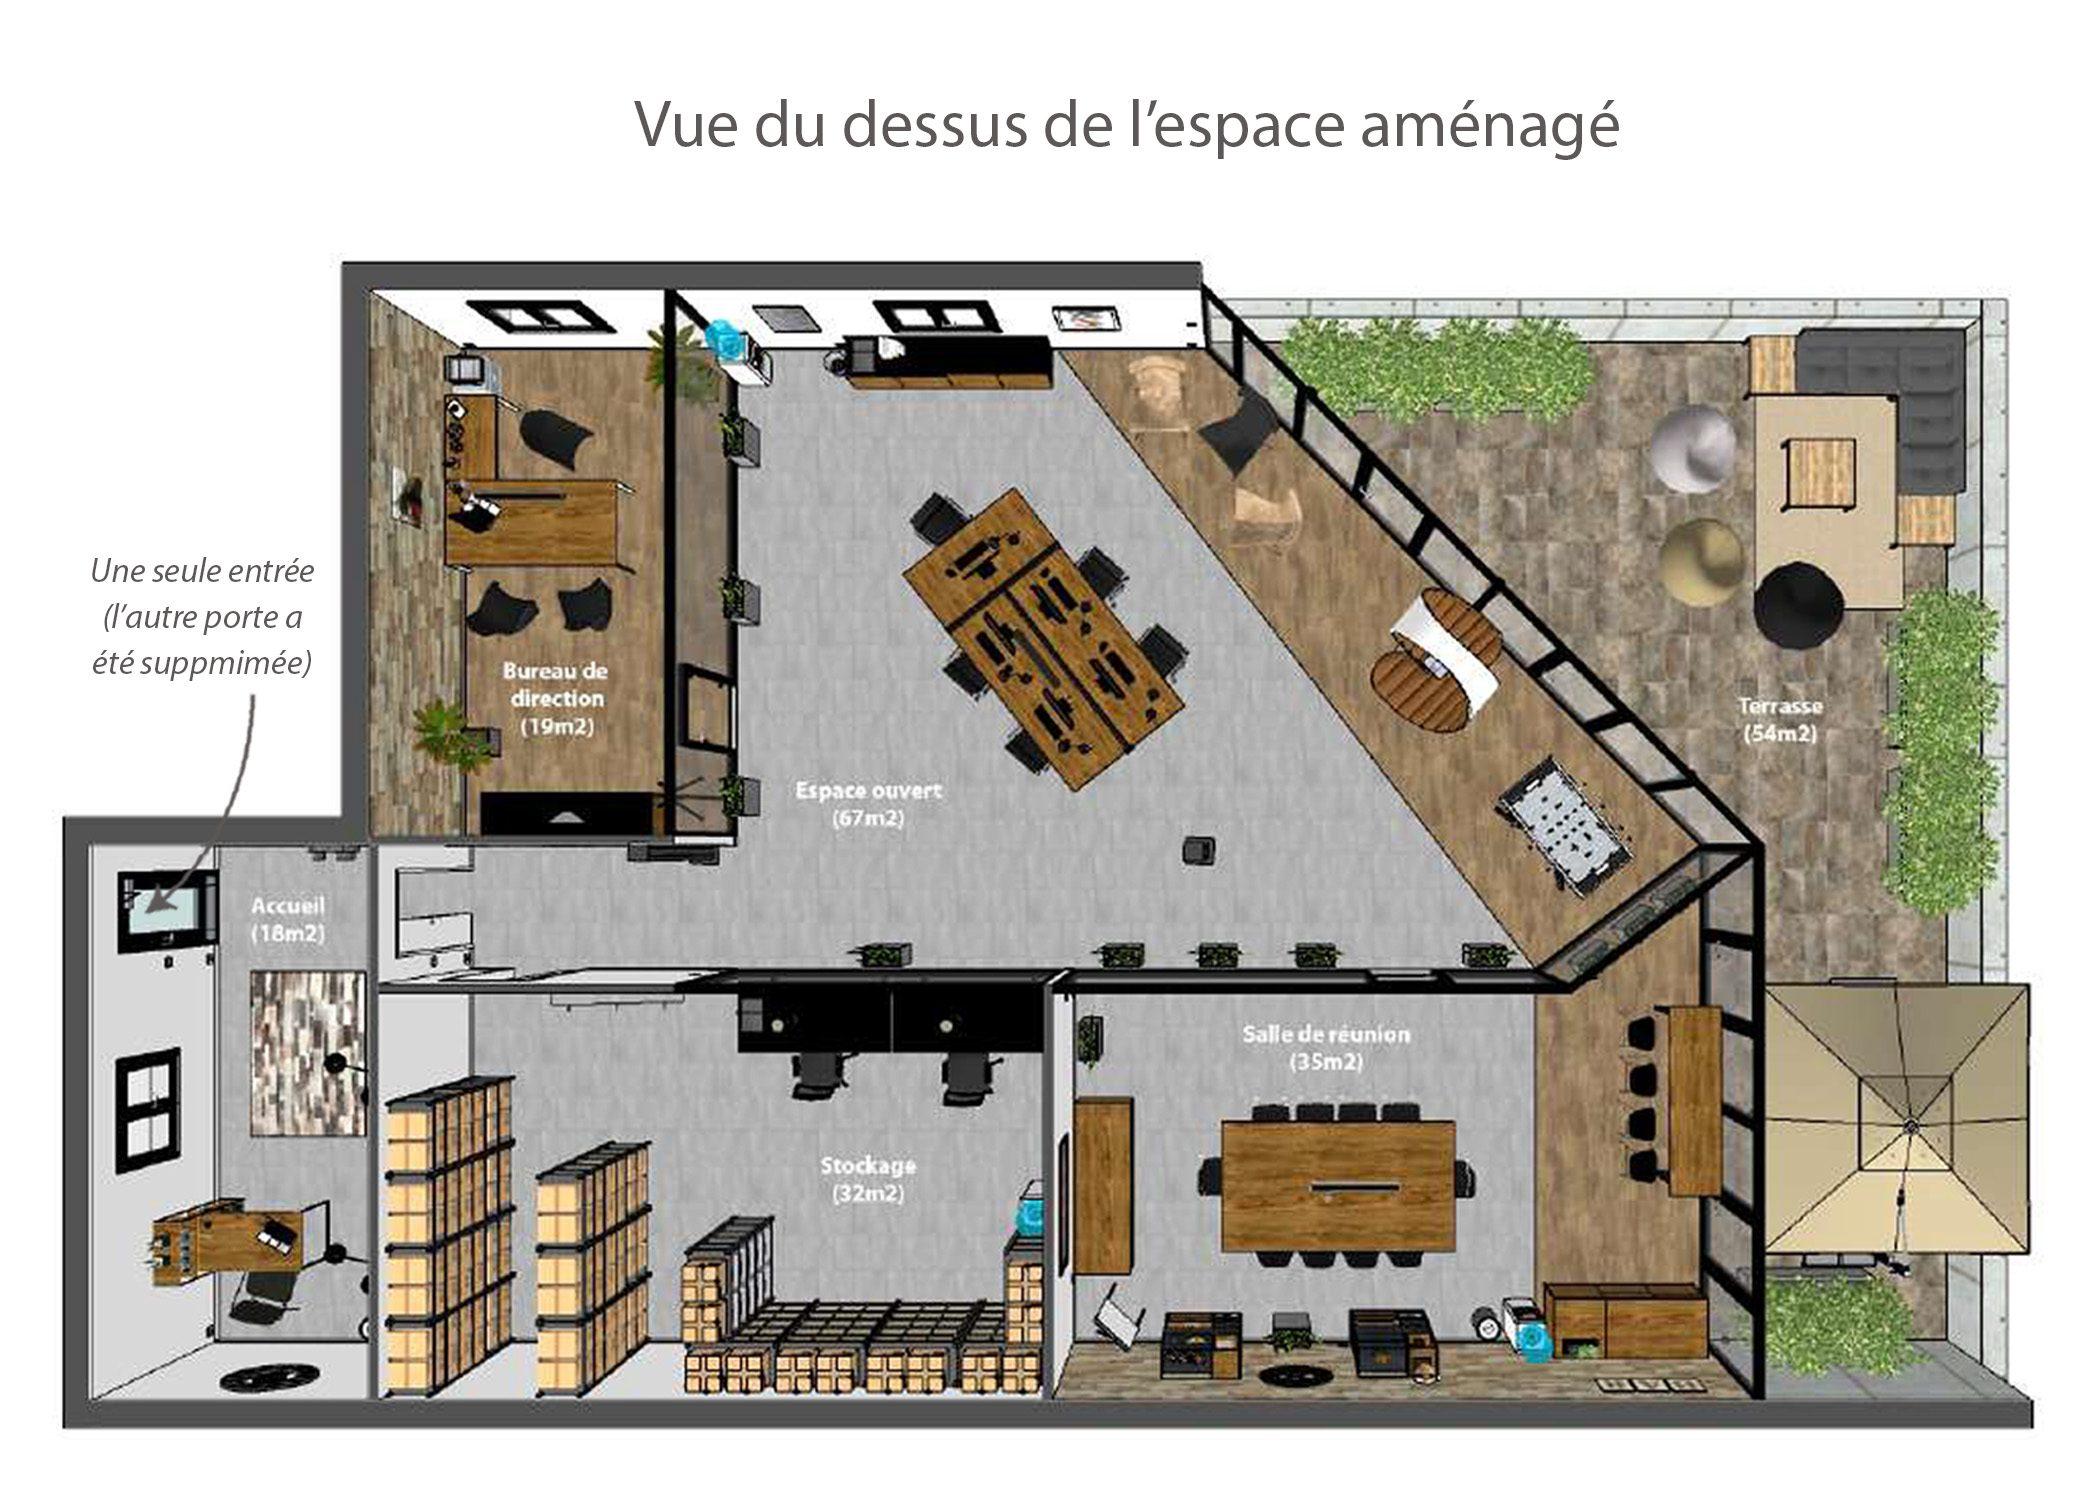 amenagement-decoration-start-up vente en ligne-region parisienne-vue dessus espace amenage-dekho design